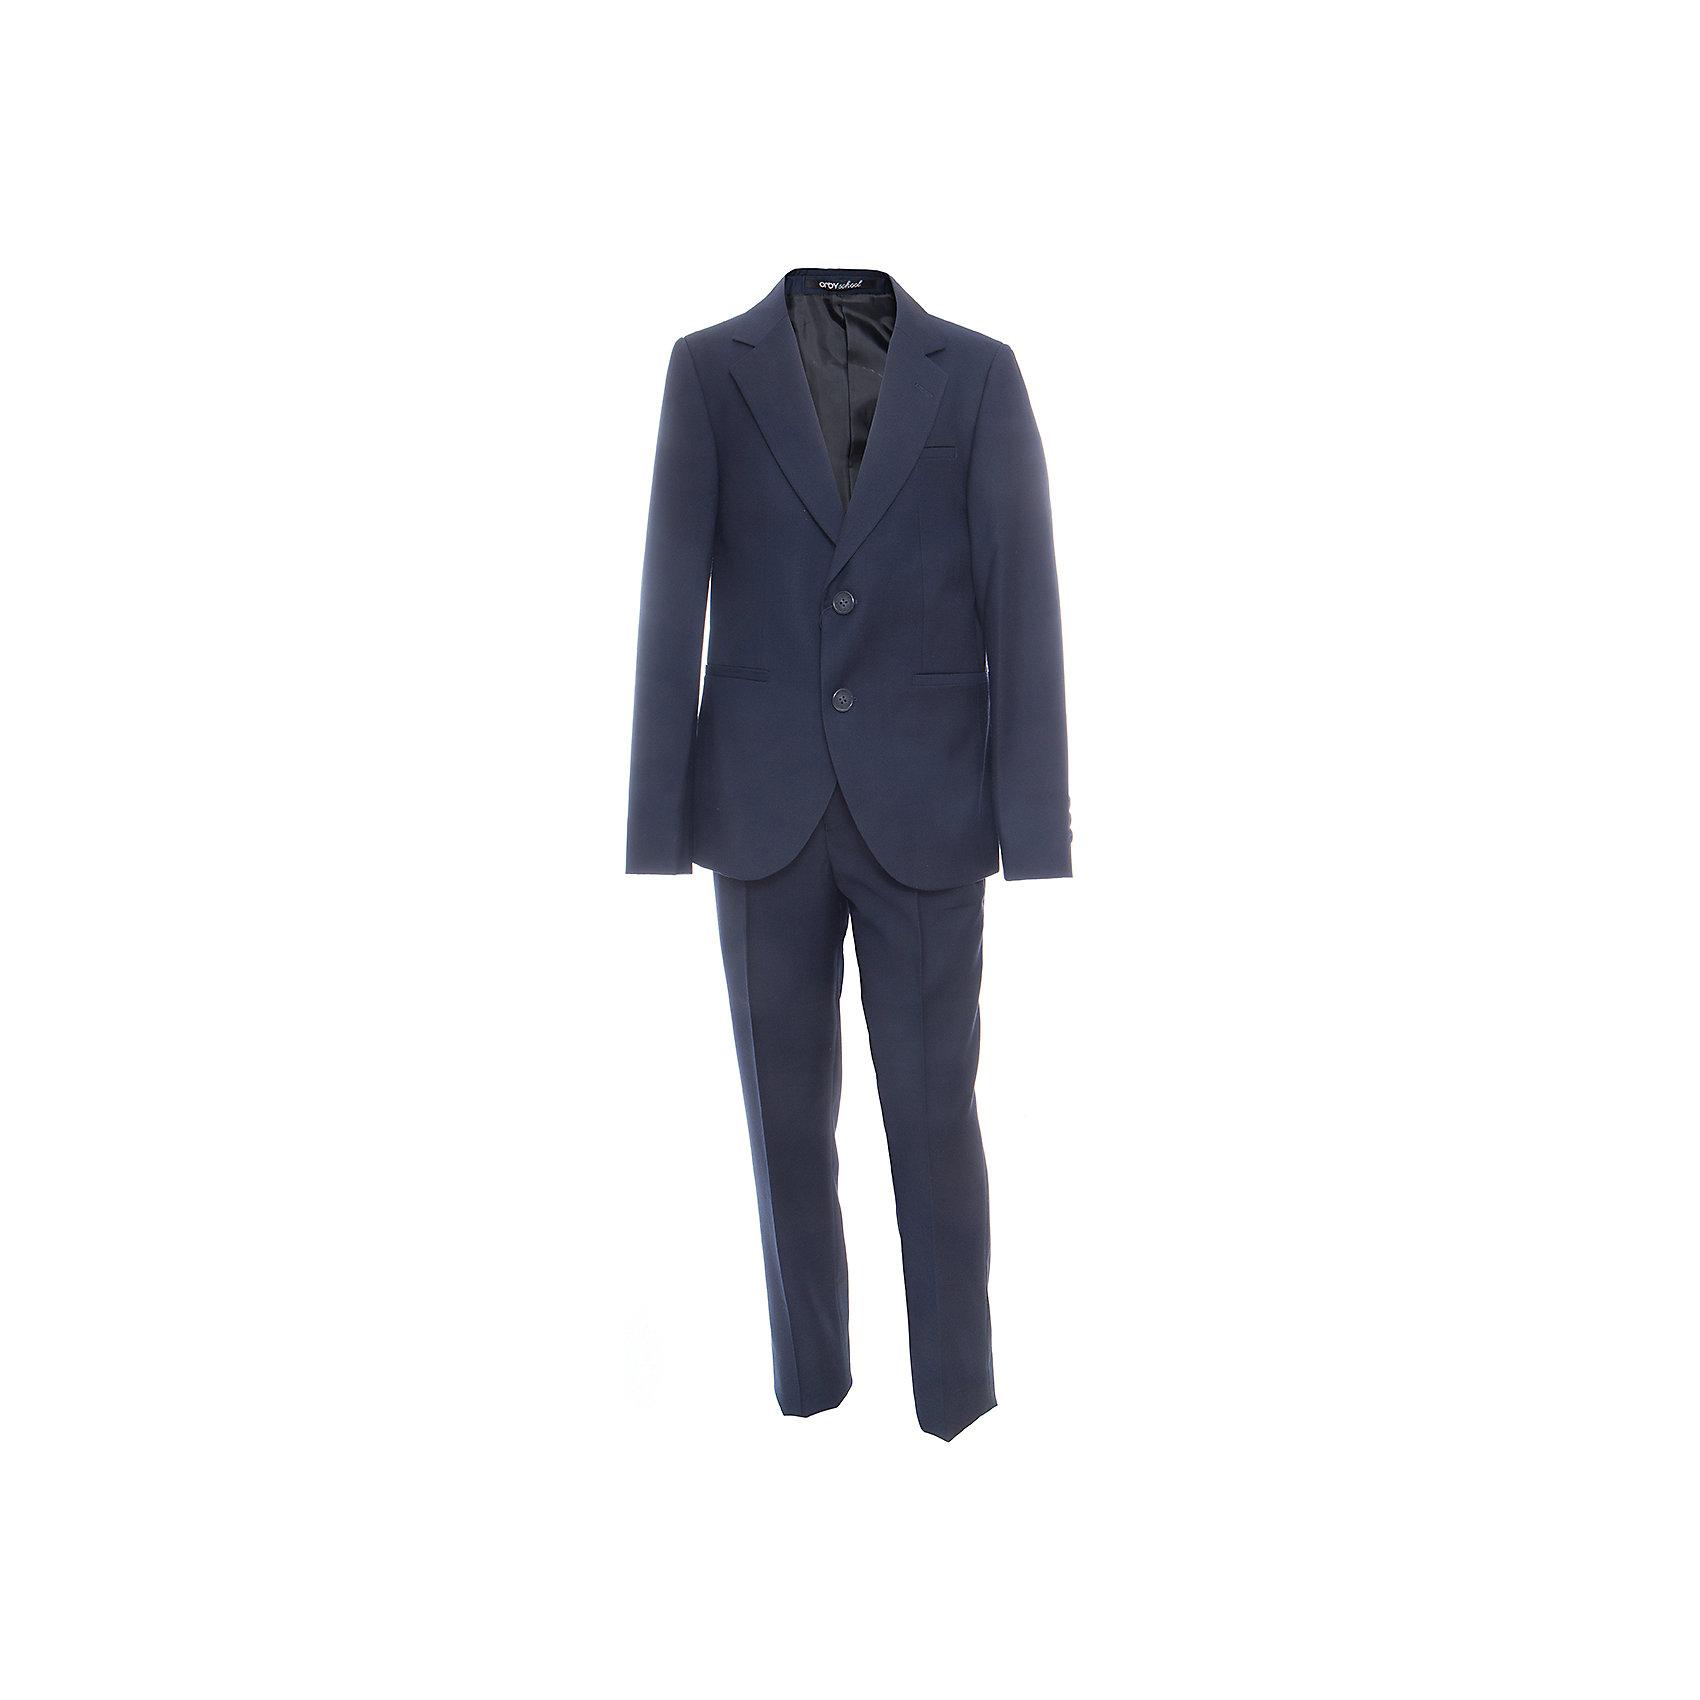 Комплект: пиджак и брюки для мальчика OrbyПиджаки и костюмы<br>Характеристики товара:<br><br>• цвет: синий<br>• состав ткани: 70 % ПЭ, 30% вискоза<br>• комплектация: пиджак, брюки<br>• особенности: школьная, праздничная<br>• застежка пиджака: пуговицы<br>• застежка брюк: молния<br>• регулируемая талия брюк<br>• шлевки для ремня<br>• сезон: круглый год<br>• страна бренда: Россия<br>• страна изготовитель: Россия<br><br>Классический костюм для школы может также быть отличным вариантом наряда на торжественные мероприятия.<br><br>Школьная одежда бывает удобной и красивой. Детский костюм-двойка Orby поможет ребенку чувствовать себя комфортно и выглядеть модно.<br><br>Комплект: пиджак и брюки для мальчика Orby (Орби) можно купить в нашем интернет-магазине.<br><br>Ширина мм: 215<br>Глубина мм: 88<br>Высота мм: 191<br>Вес г: 336<br>Цвет: синий<br>Возраст от месяцев: 108<br>Возраст до месяцев: 120<br>Пол: Мужской<br>Возраст: Детский<br>Размер: 140,128,134,146,152,158,164,122<br>SKU: 6960948